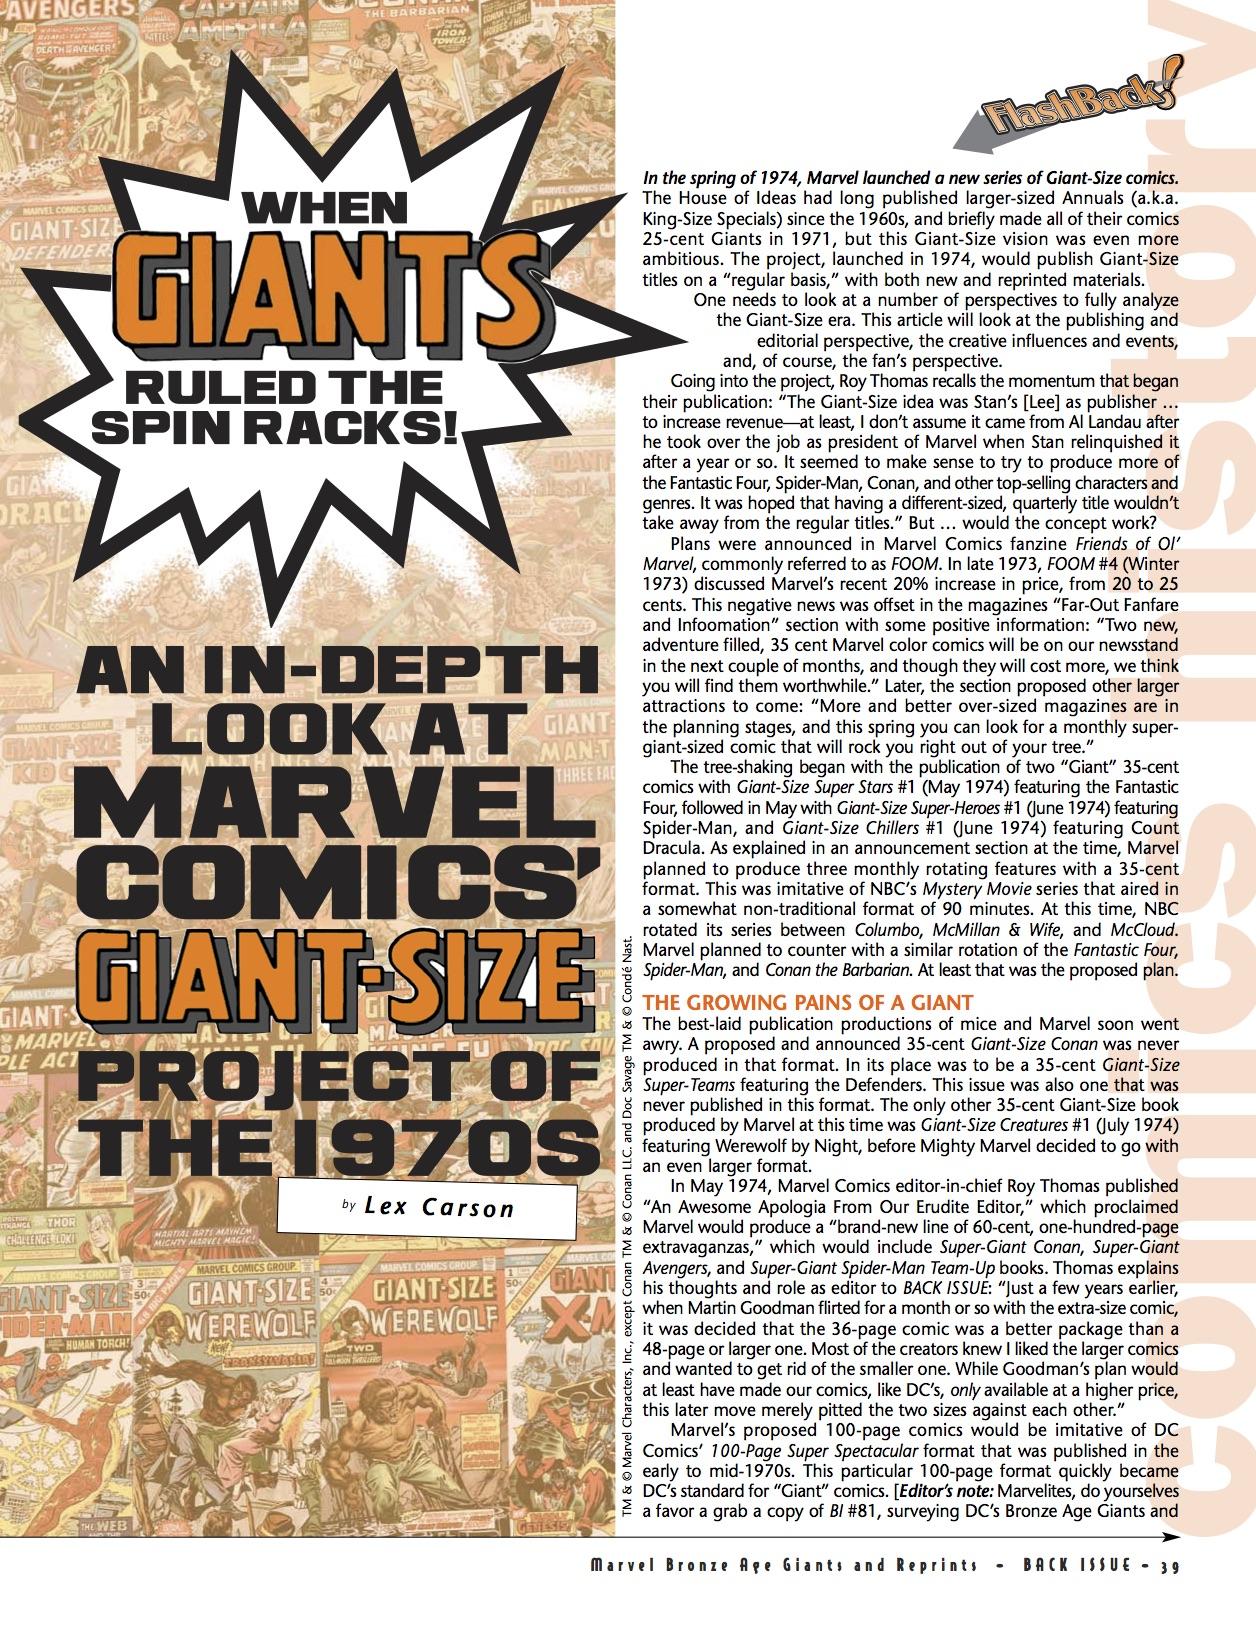 BI #86 Giant-Size